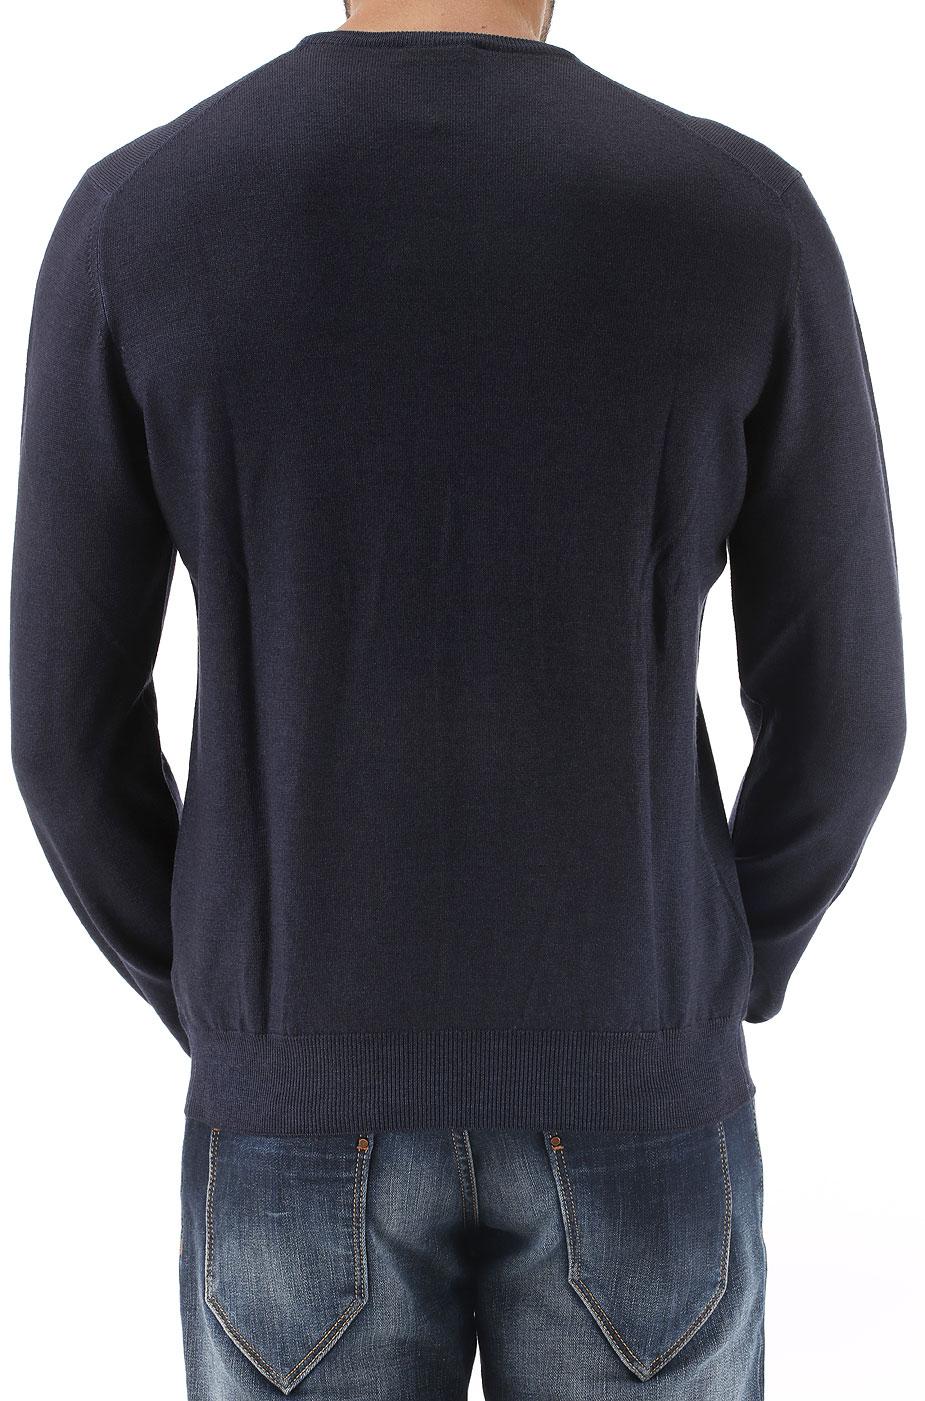 Fay Abbigliamento Articolo Articolo Uomo Abbigliamento Uomo Codice Fay nmmc133249tcqru809 Codice 4r17wrqY